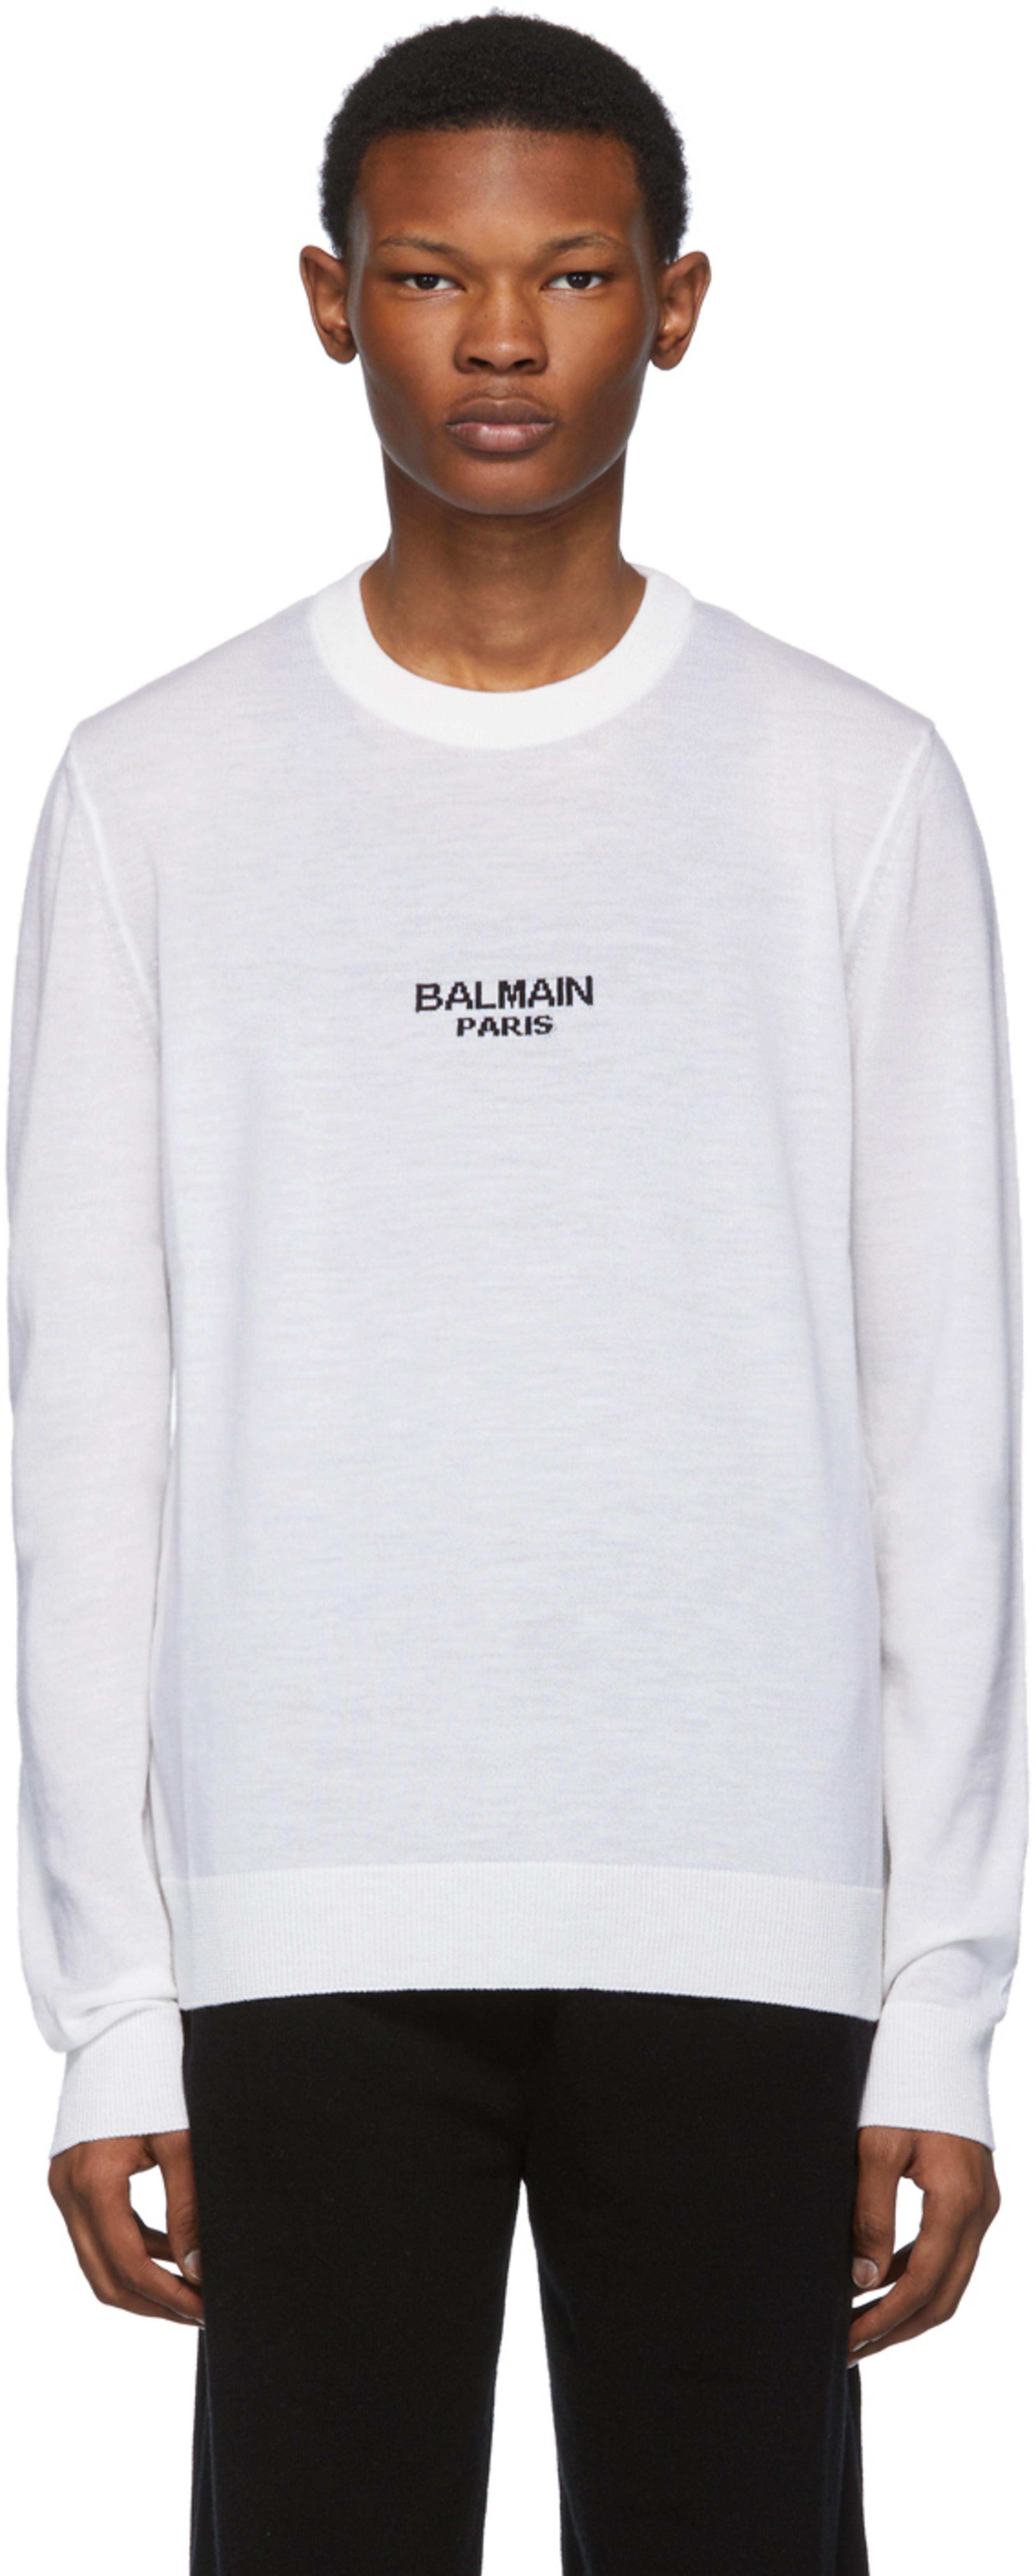 09ec00bb85 Balmain for Men SS19 Collection | SSENSE